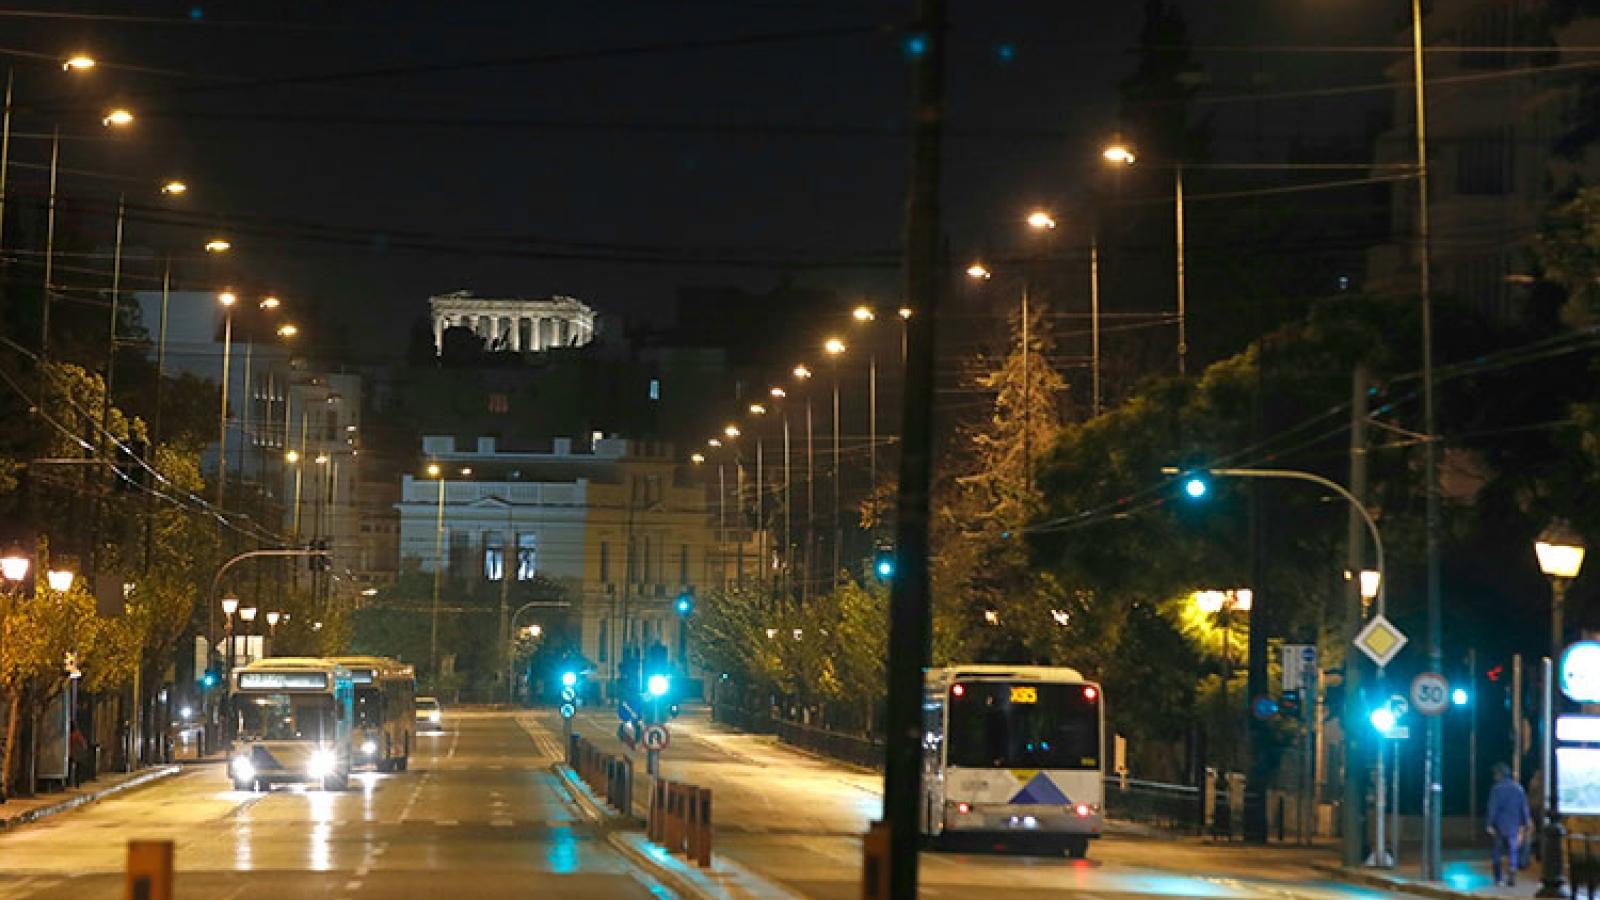 Hy Lạp đóngcửa trường học, thắt chặt các hạn chế do dịch Covid-19 bùng phát